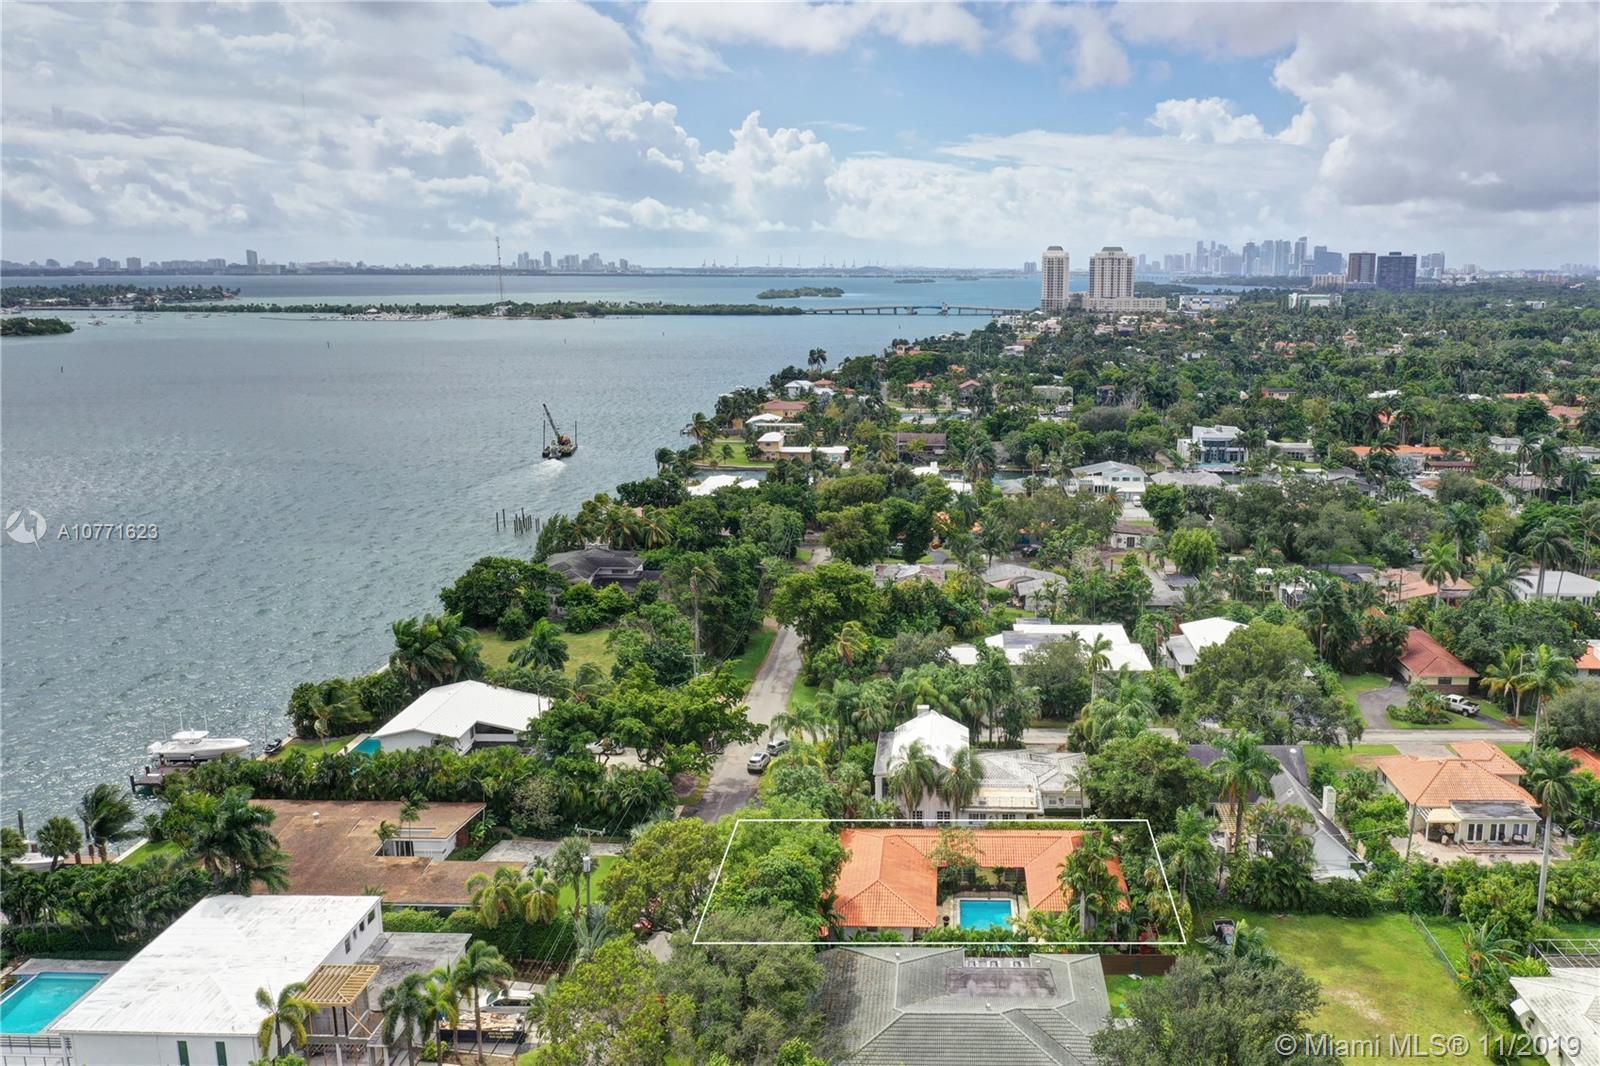 9250 N Bayshore Dr, Miami Shores, Florida 33138, 3 Bedrooms Bedrooms, ,3 BathroomsBathrooms,Residential,For Sale,9250 N Bayshore Dr,A10771623